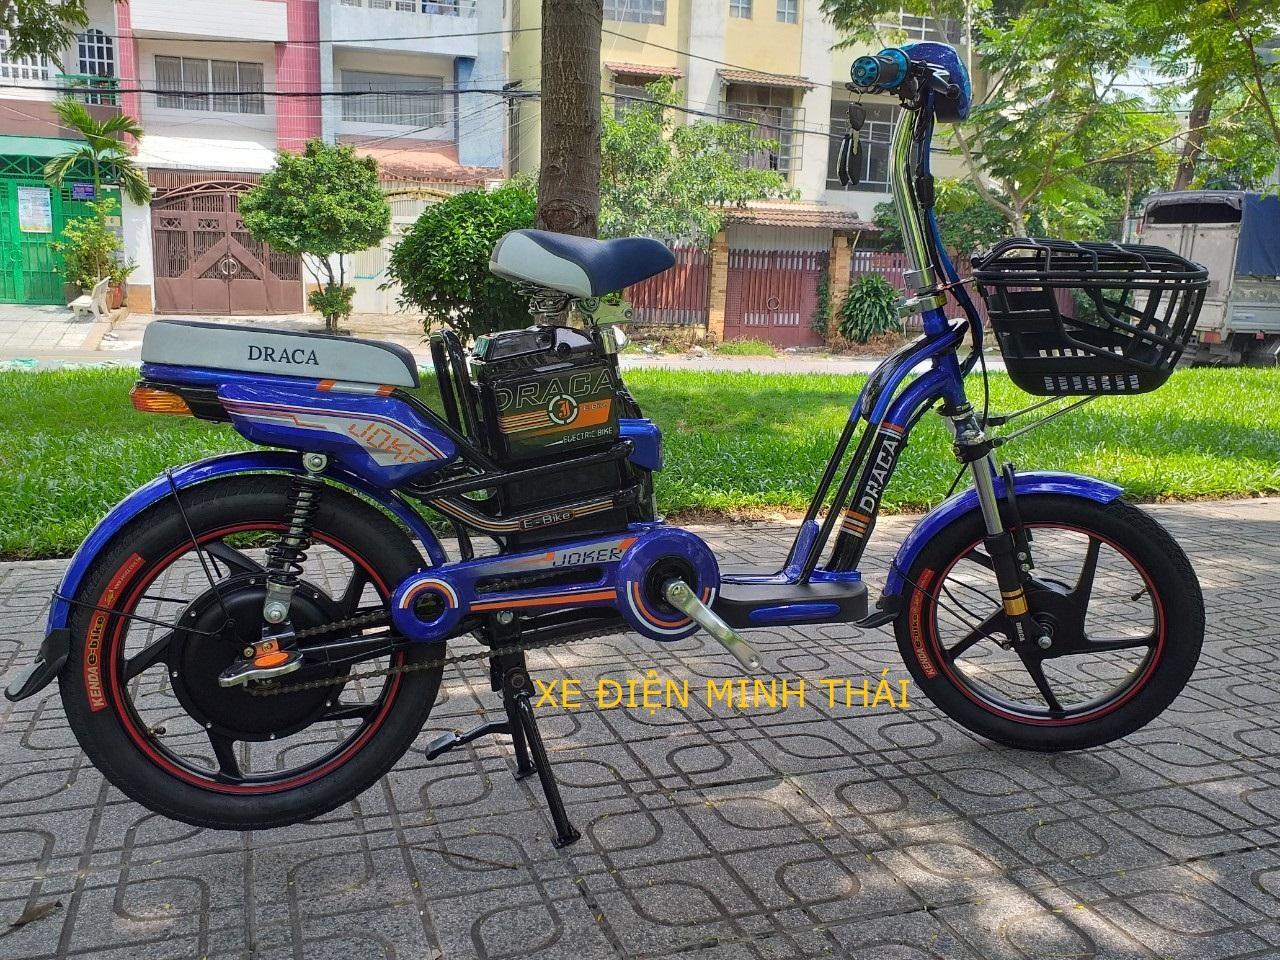 Mua xe đạp điện hiệu DRACA mẫu JOKER giá tốt- xe điện DRACA- xe máy điện draca mẫu mới